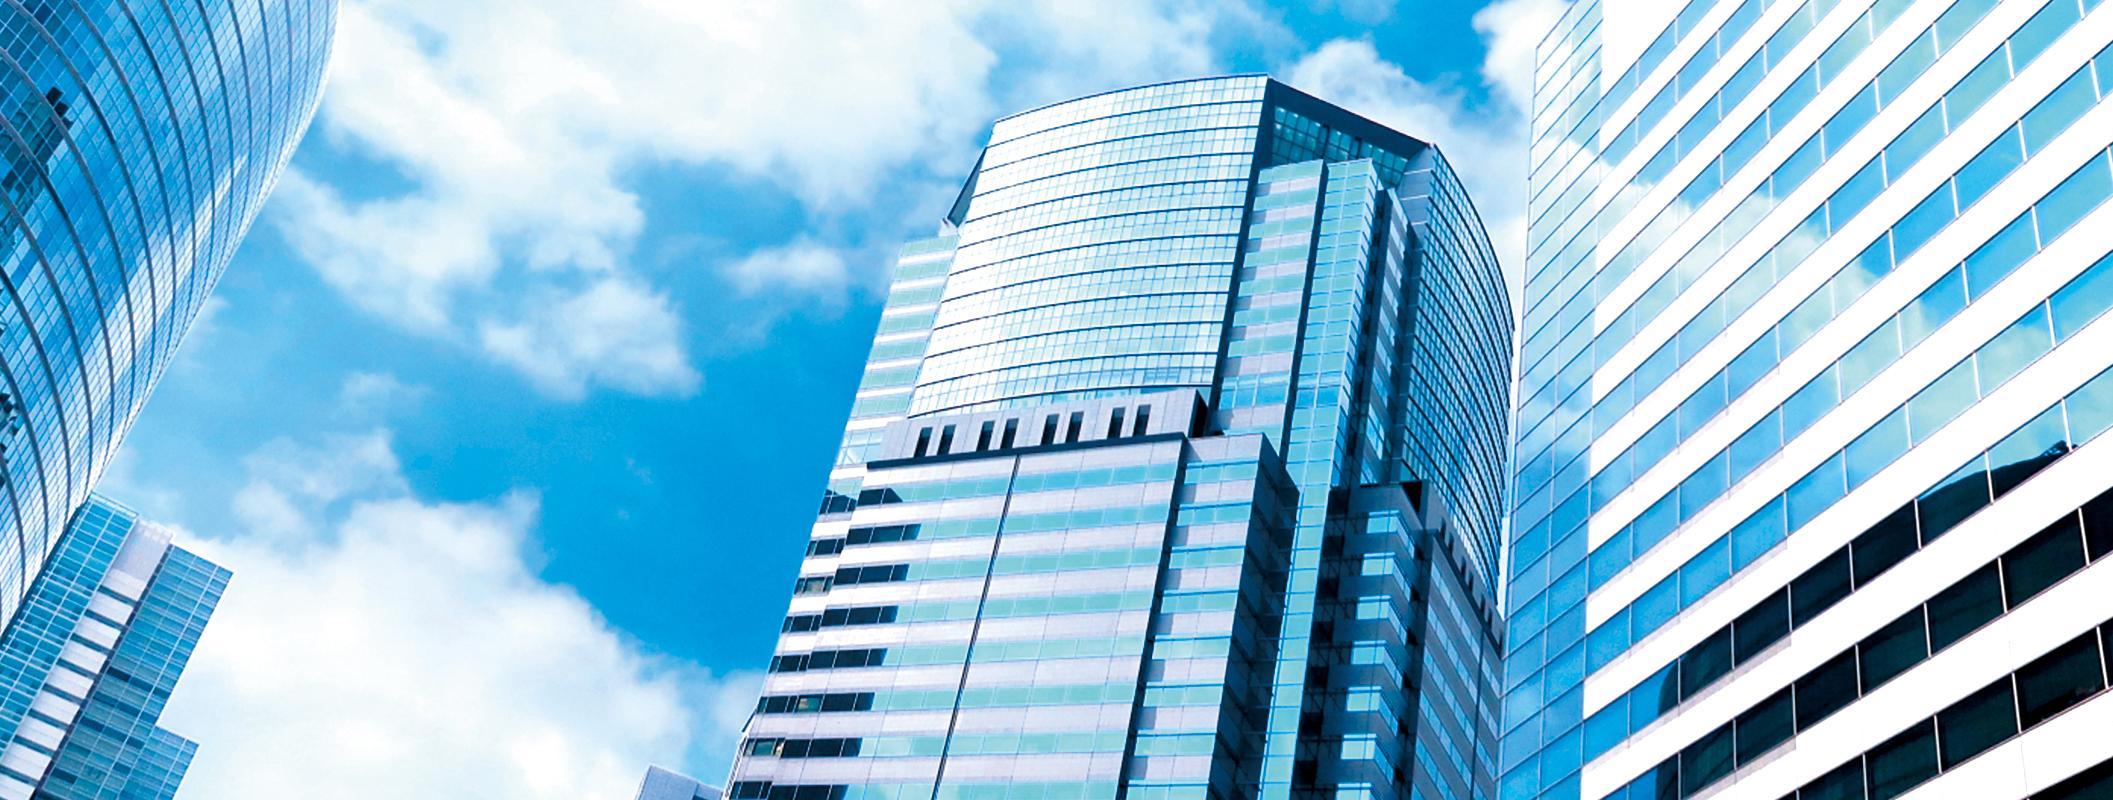 Image Japanは最先端ITテクノロジーをお客様に優しい環境へ変えてお届けします。